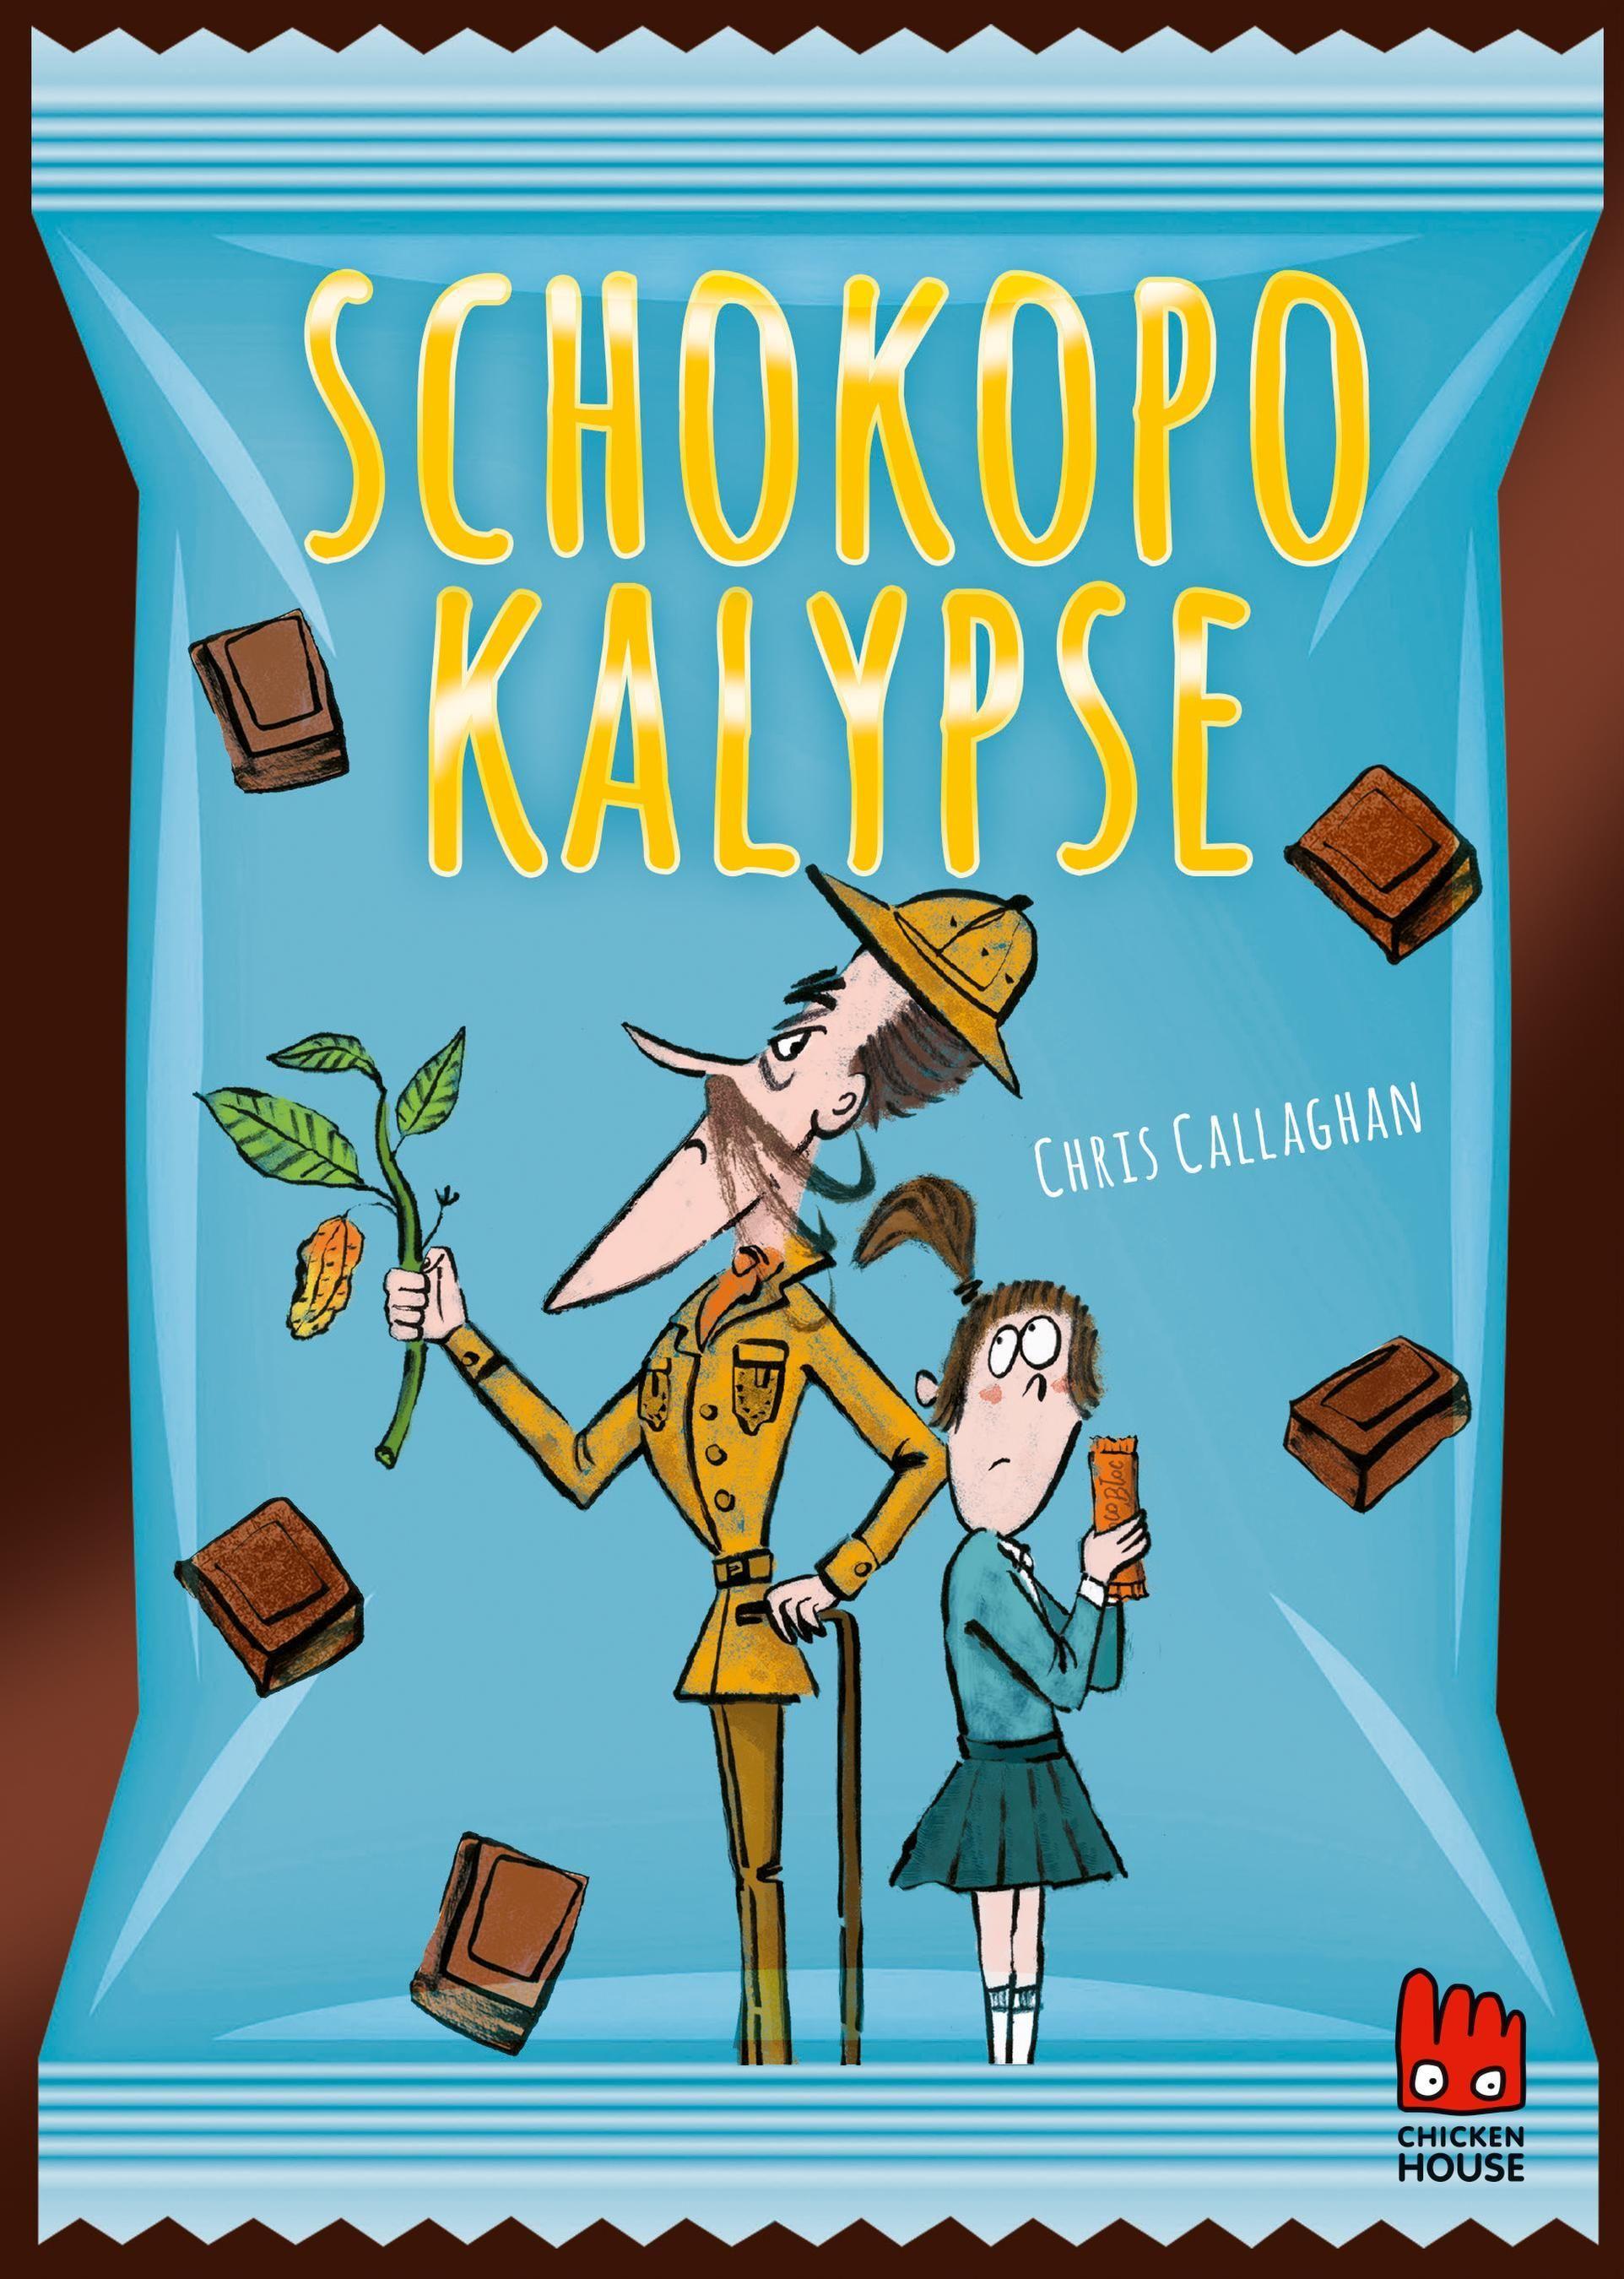 Schokopokalypse - Chris Callaghan - Carlsen 2017